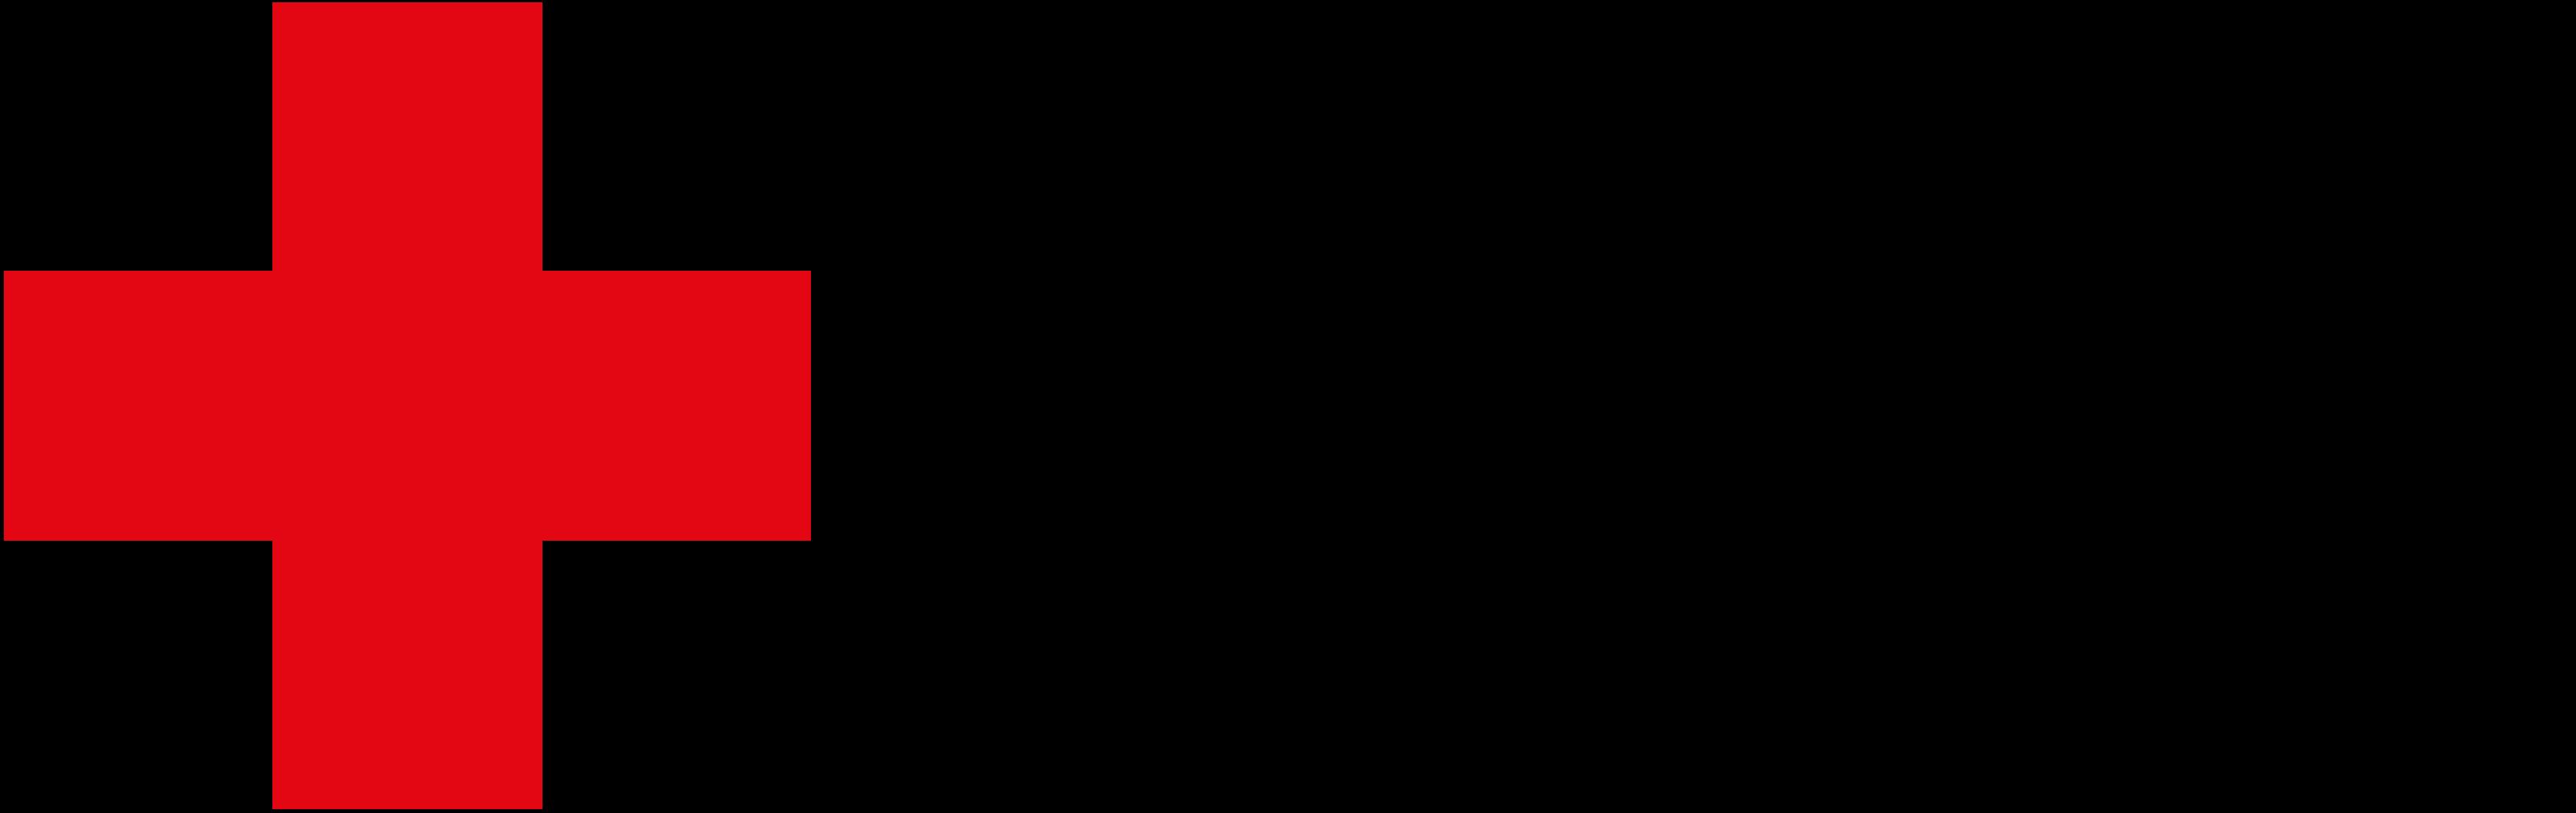 Deutsches Rotes Kreuz Logo